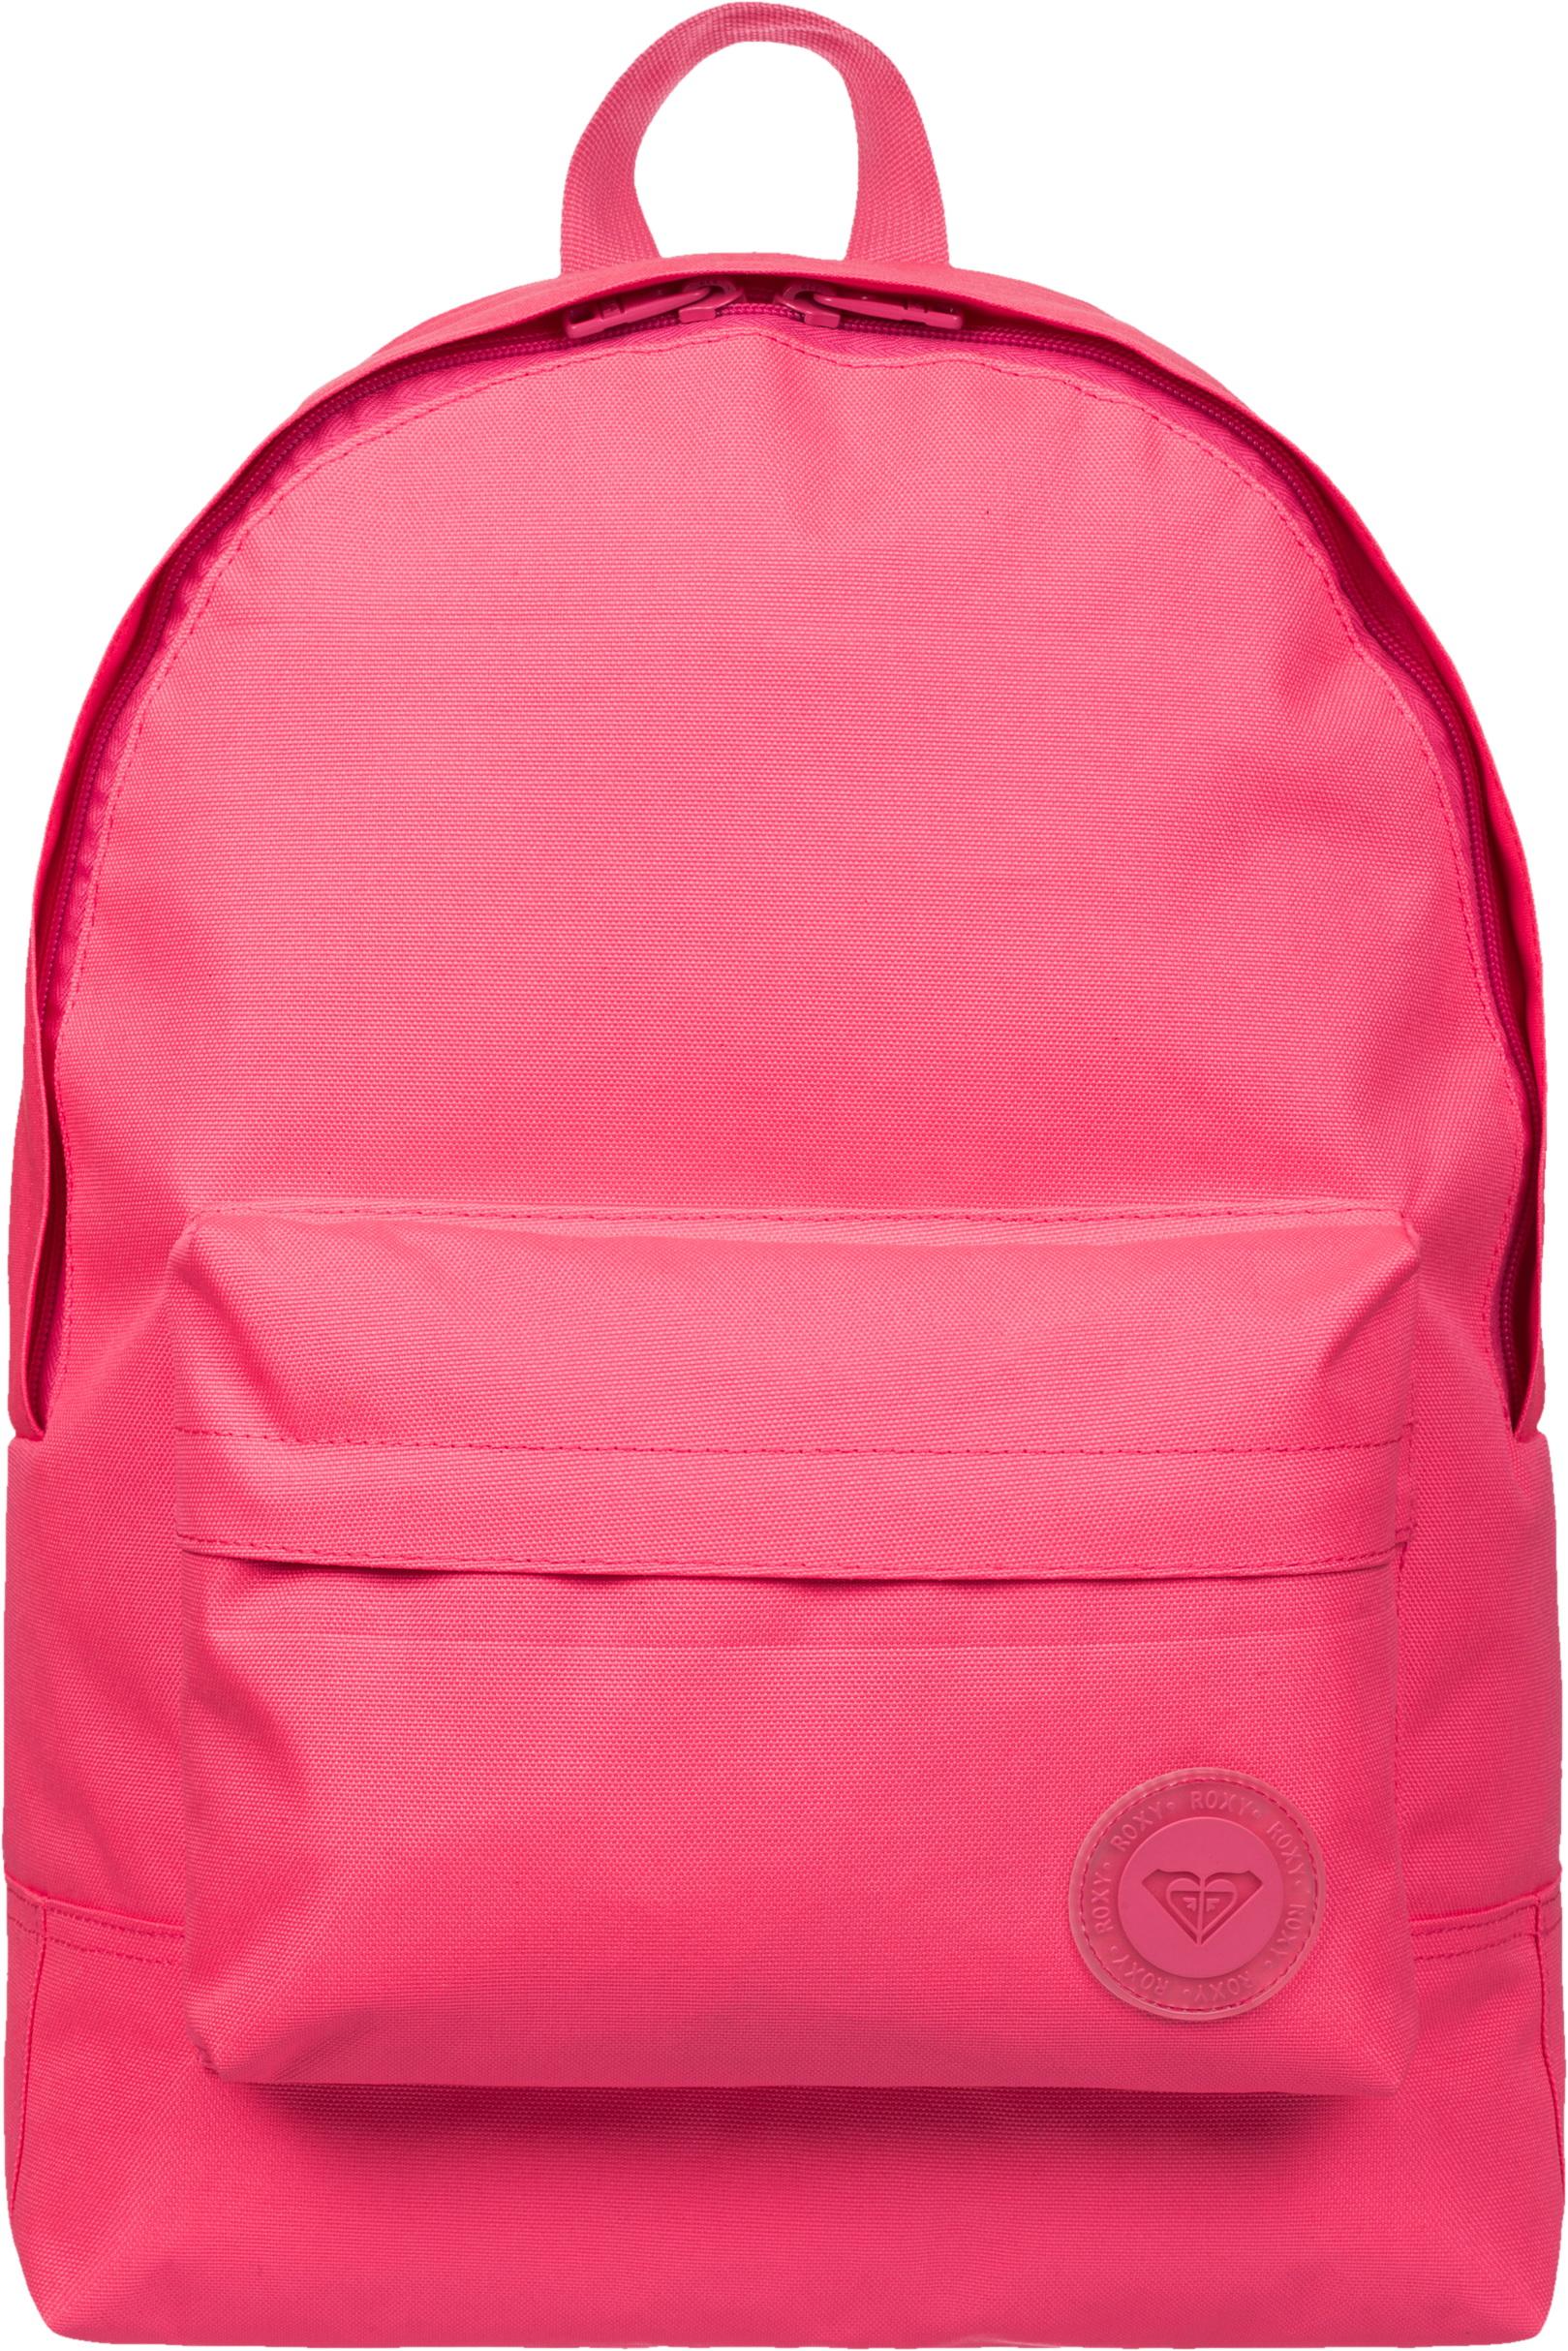 Рюкзак городской жен. Roxy SUGAR BABY, цвет: розовый, 16 л. ERJBP03093-MJP0